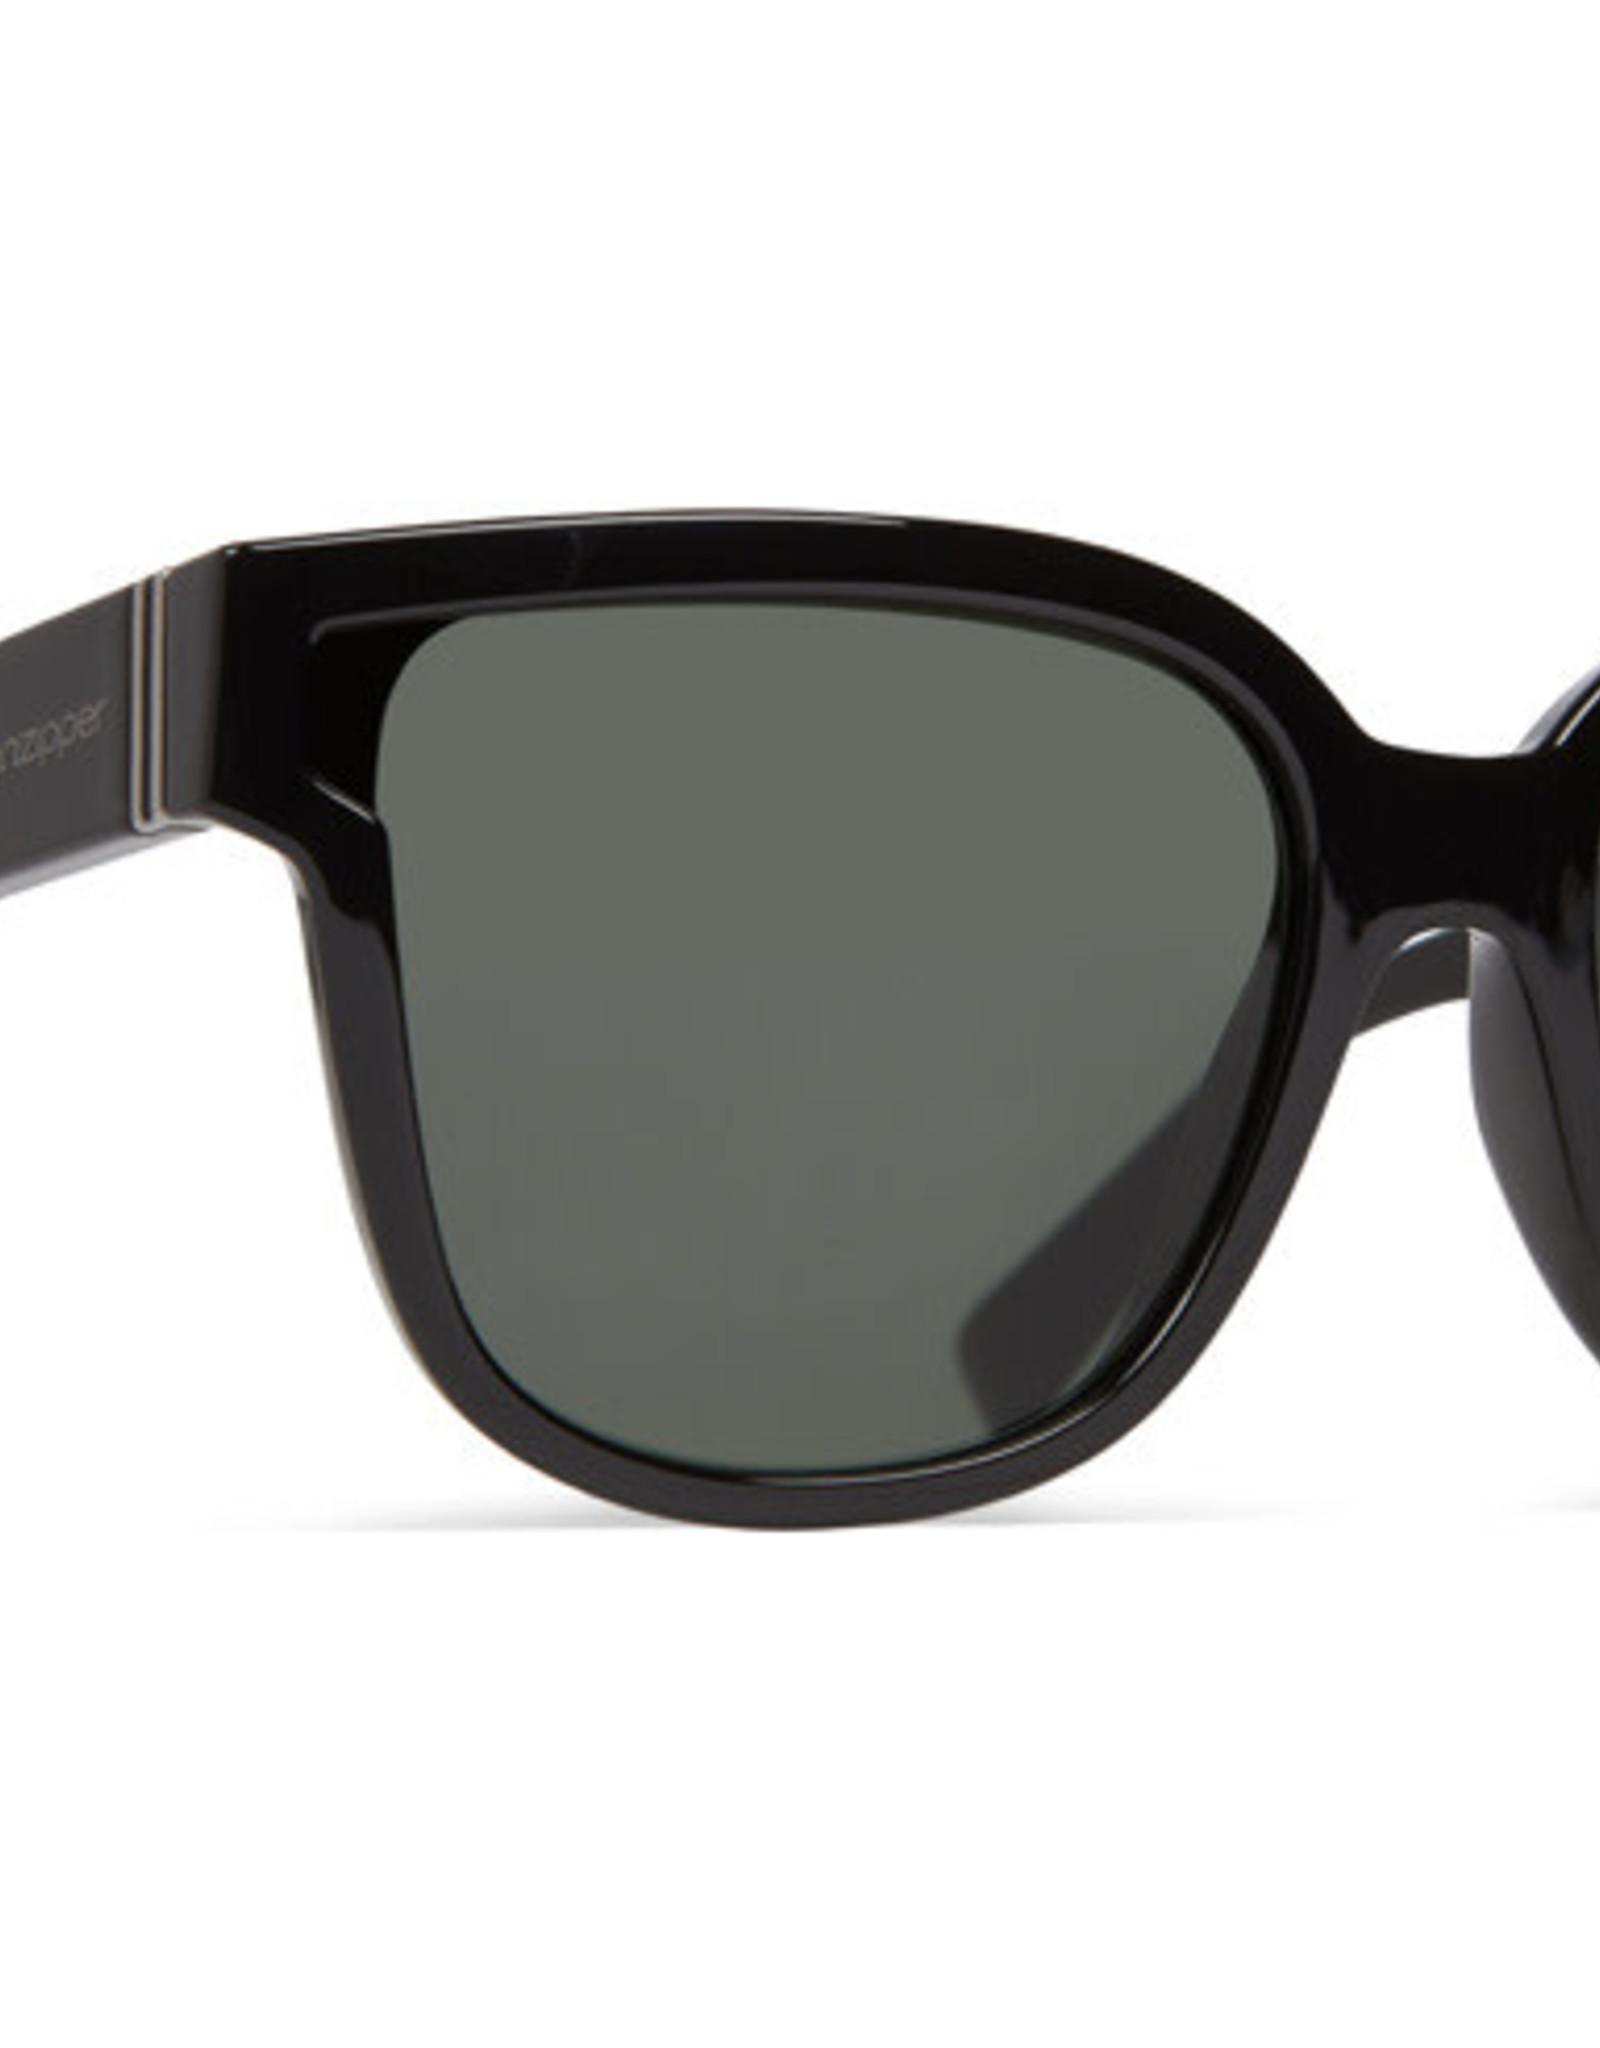 Von Zipper VZ - STRANZ - Gloss Black w/ Vintage Grey